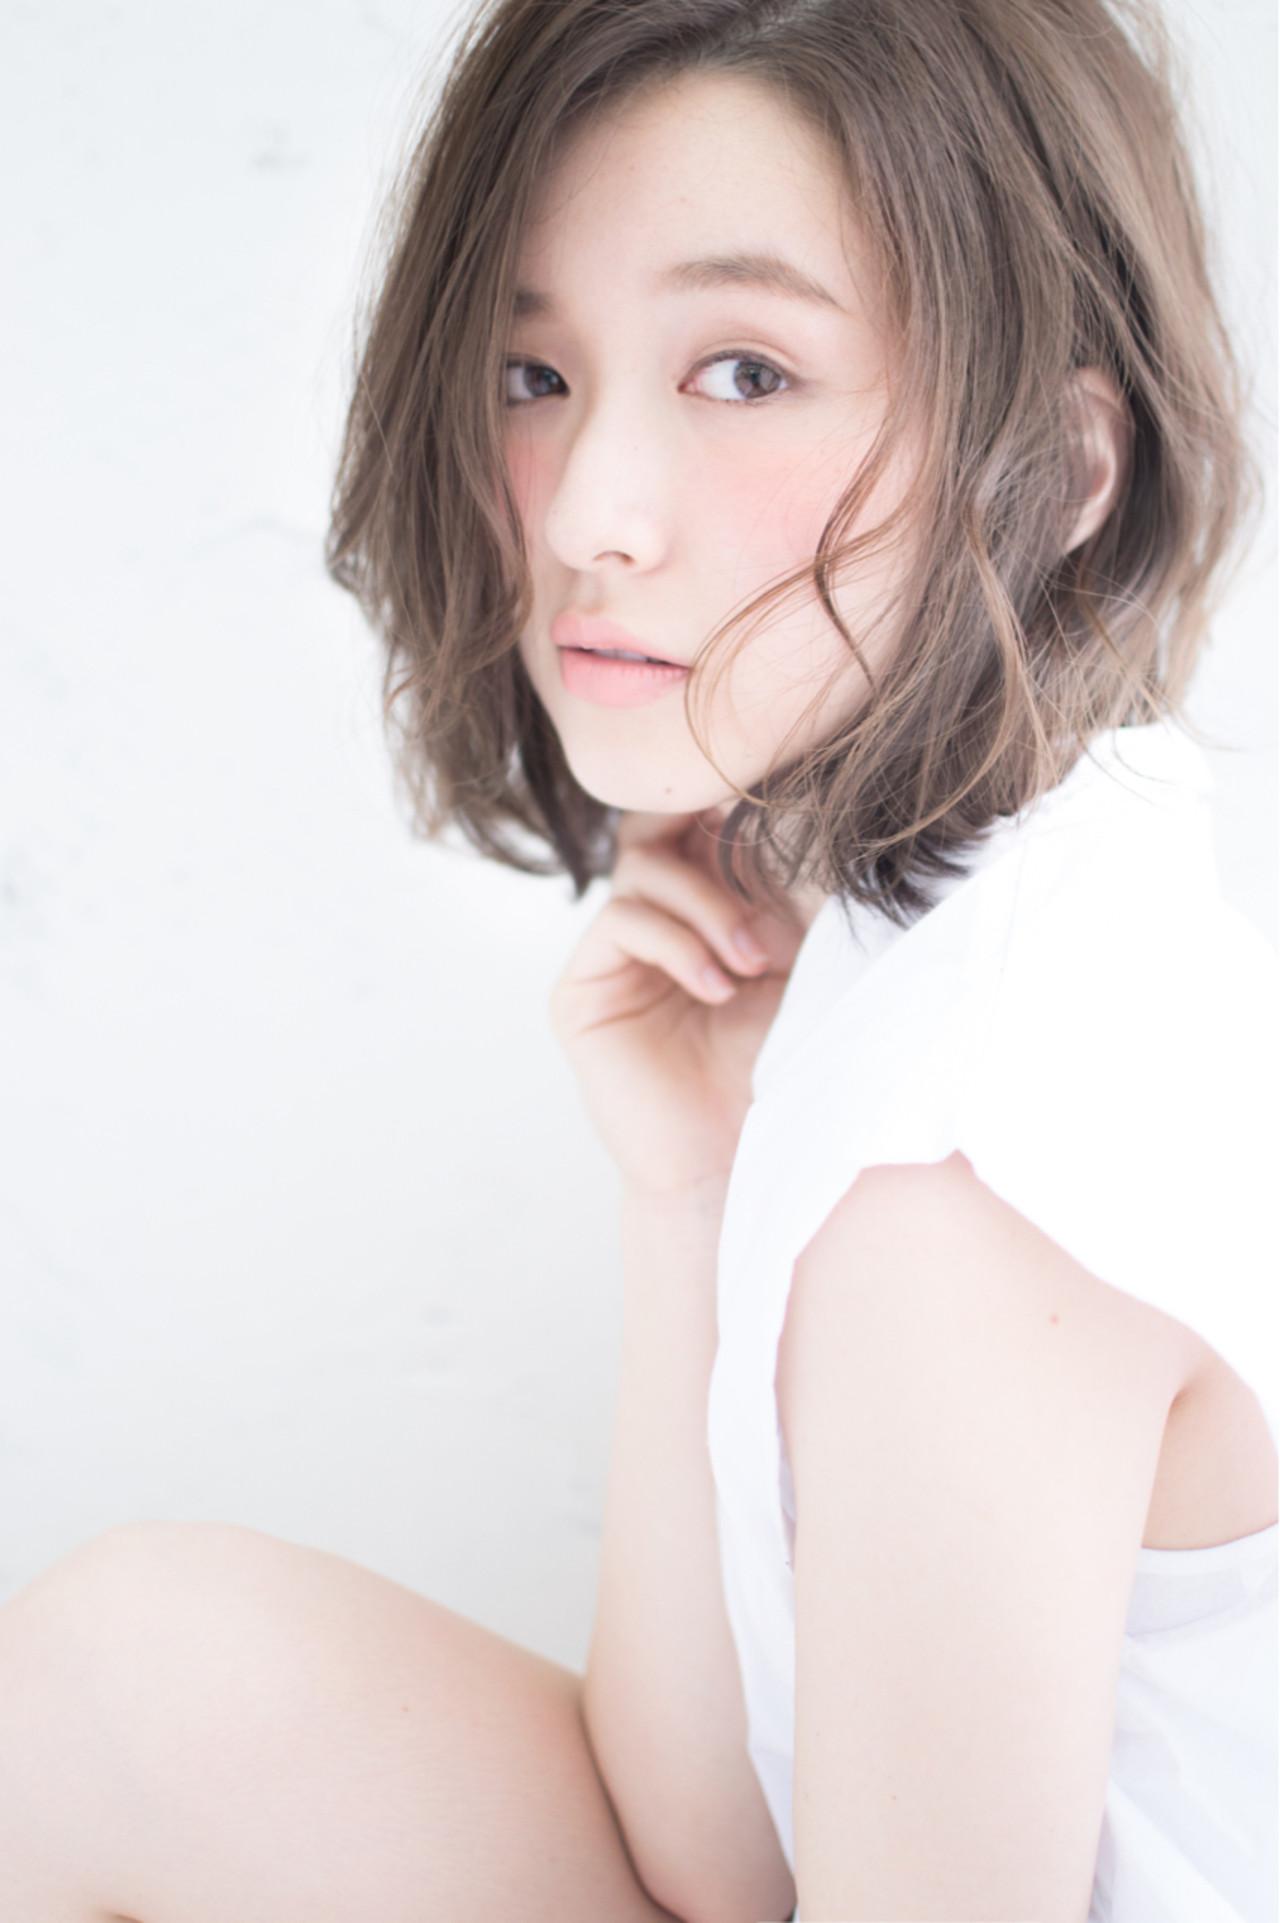 爽やか ラフ ミディアム 大人かわいい ヘアスタイルや髪型の写真・画像 | 新垣修平 / CARE shinsaibashi